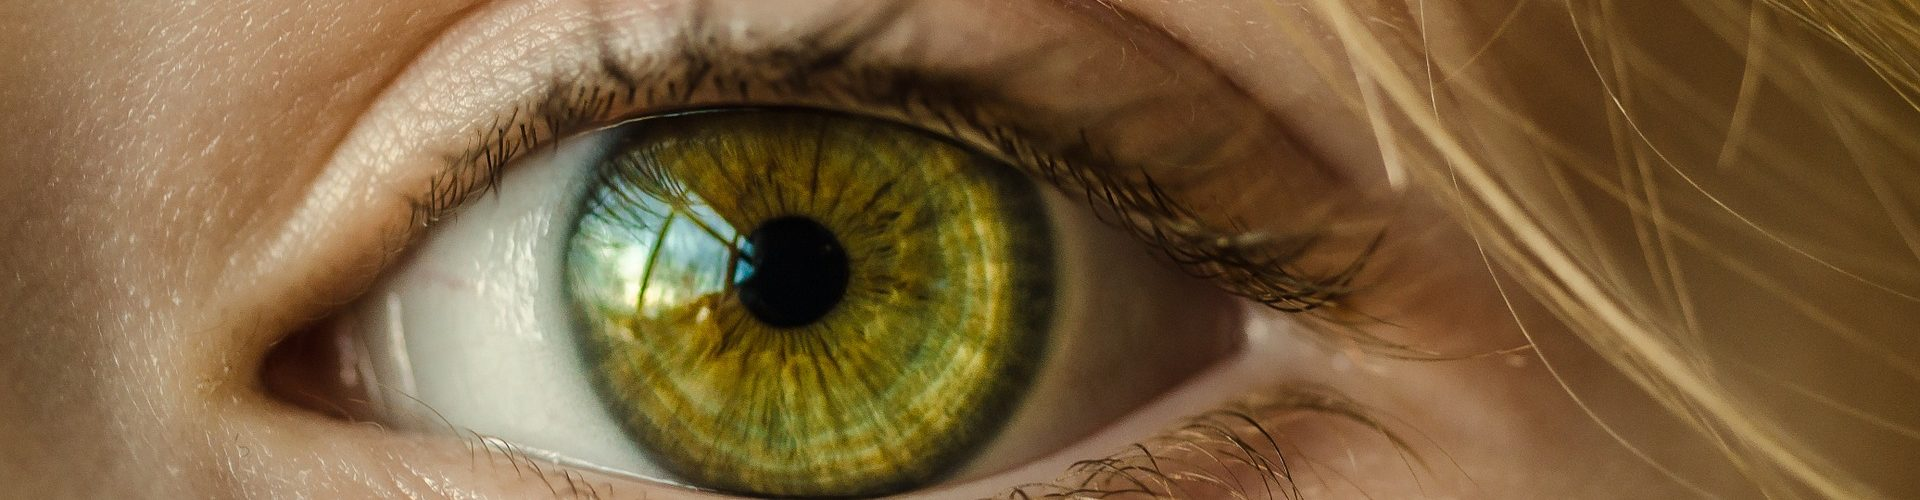 homályos szemek csökkent látás helyesen edezze a látását